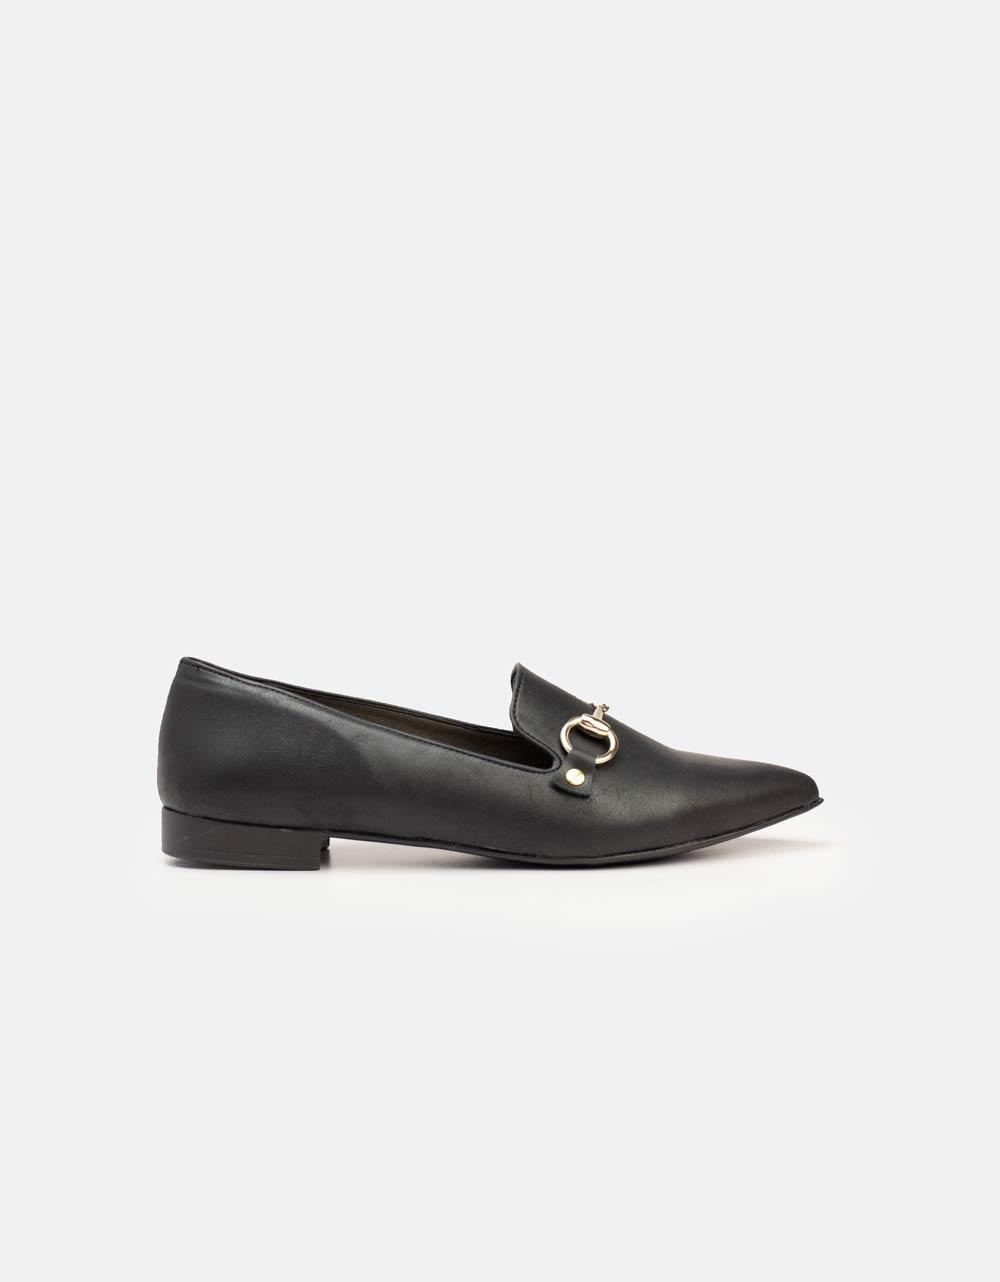 Εικόνα από Γυναικεία loafers με μεταλλικό διακοσμητικό Μαύρο